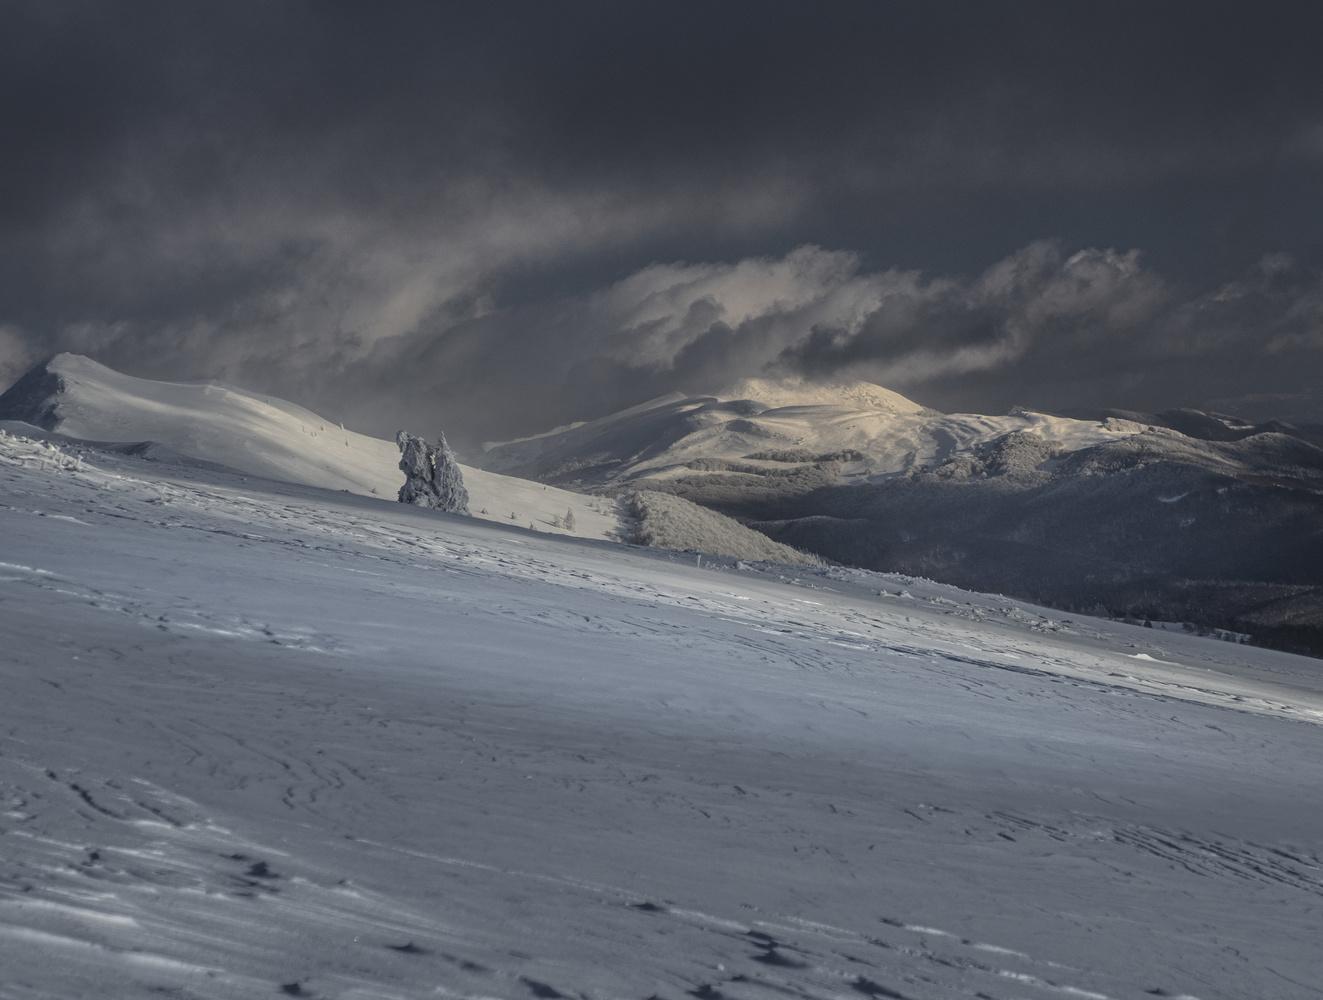 Bieszczady Mountains by Jerzy Wolochowicz